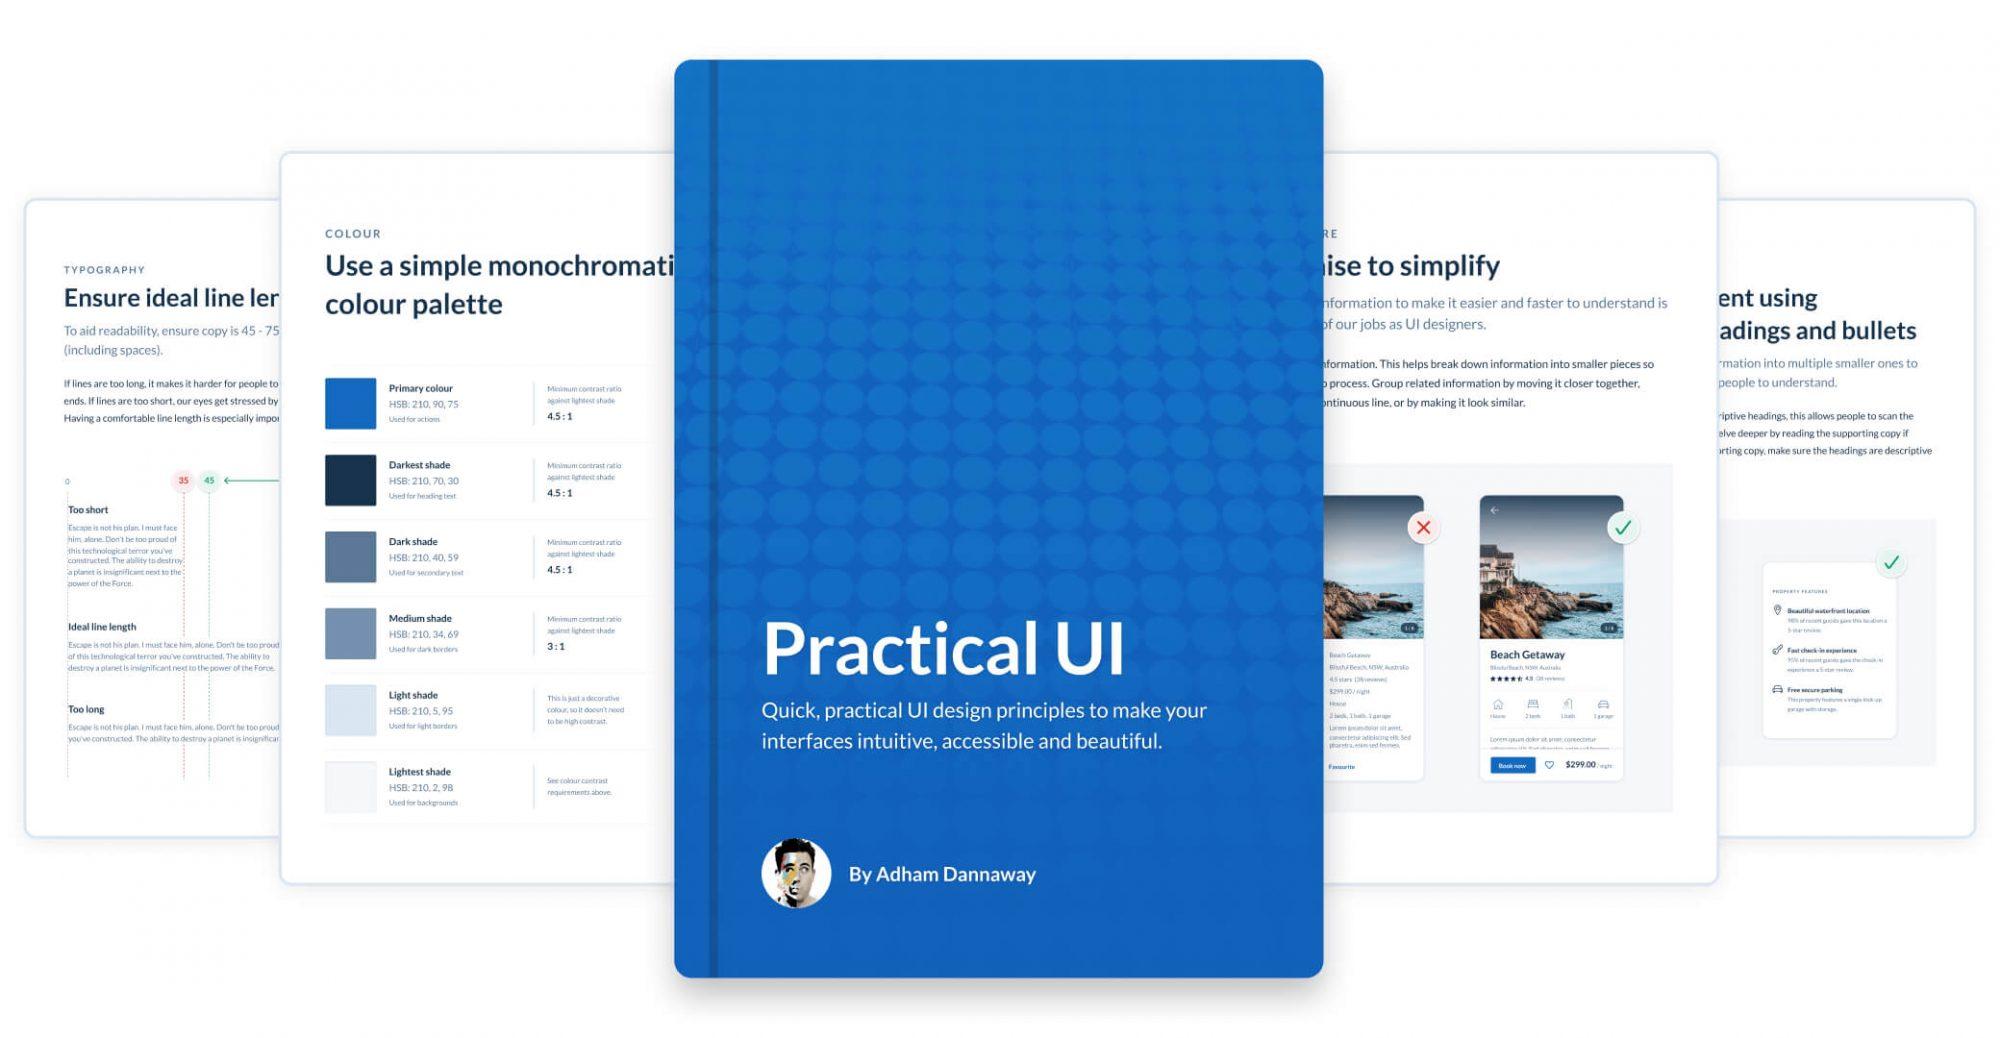 UI design book by Adham Dannaway